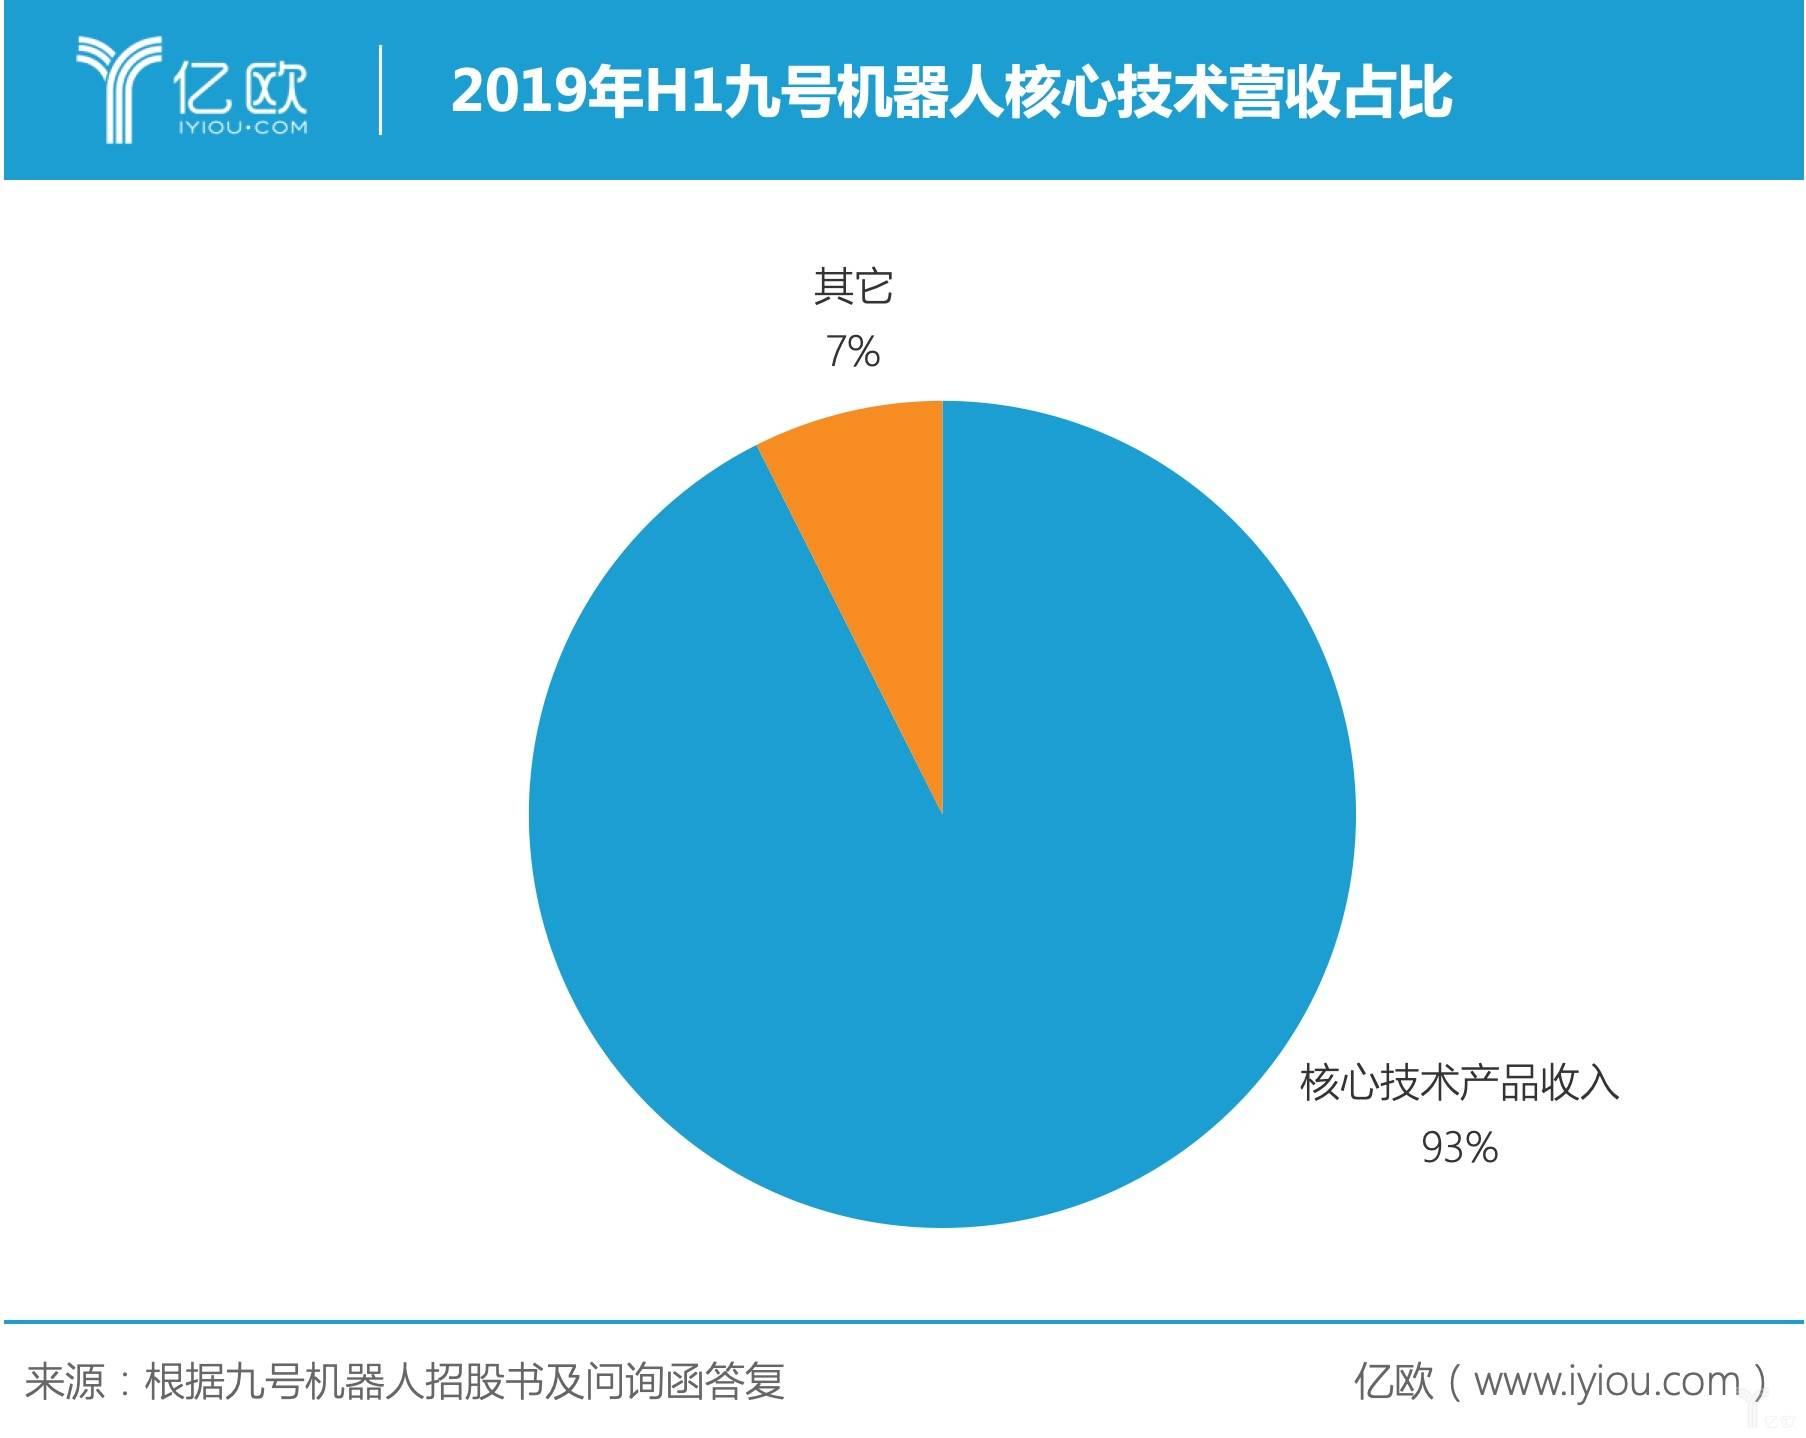 2019年H1九号机器人核心技术营收占比